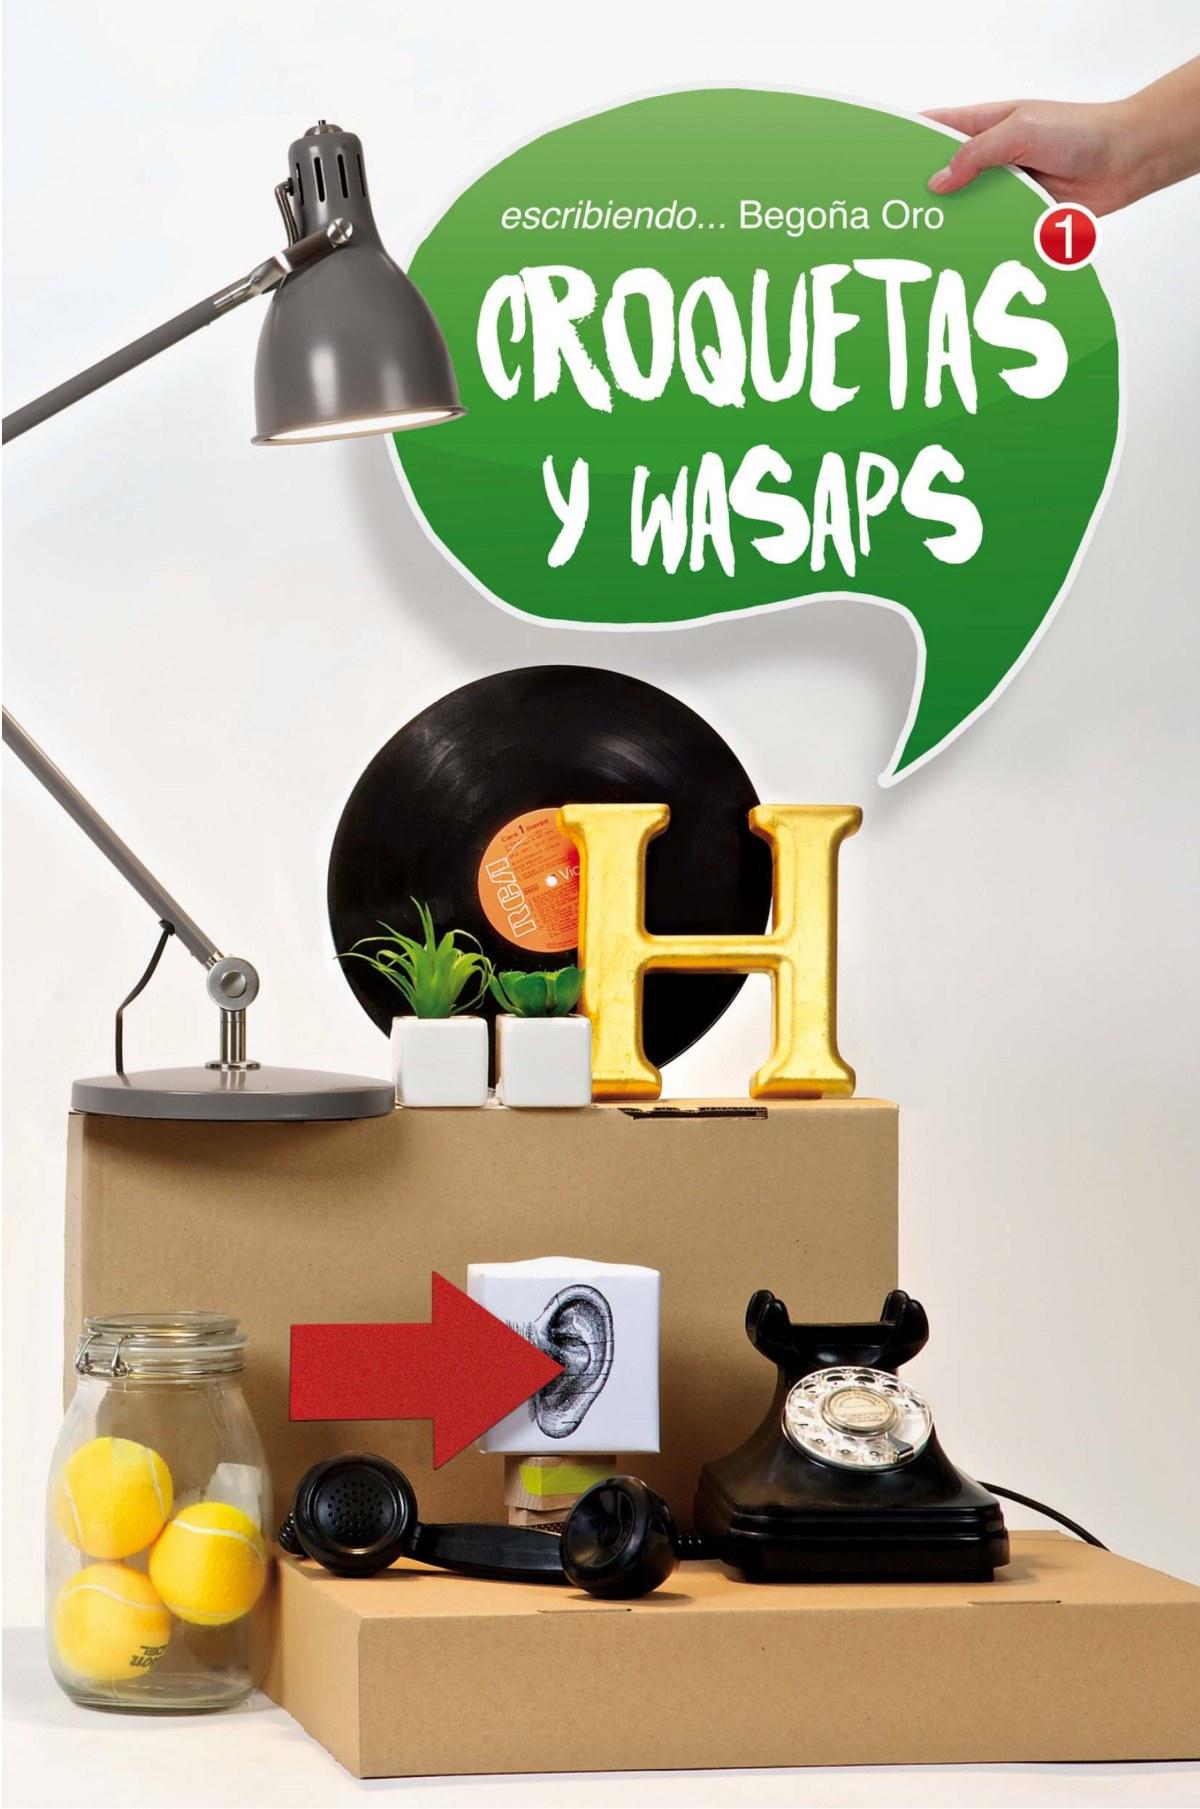 CROQUETAS Y WASAPS